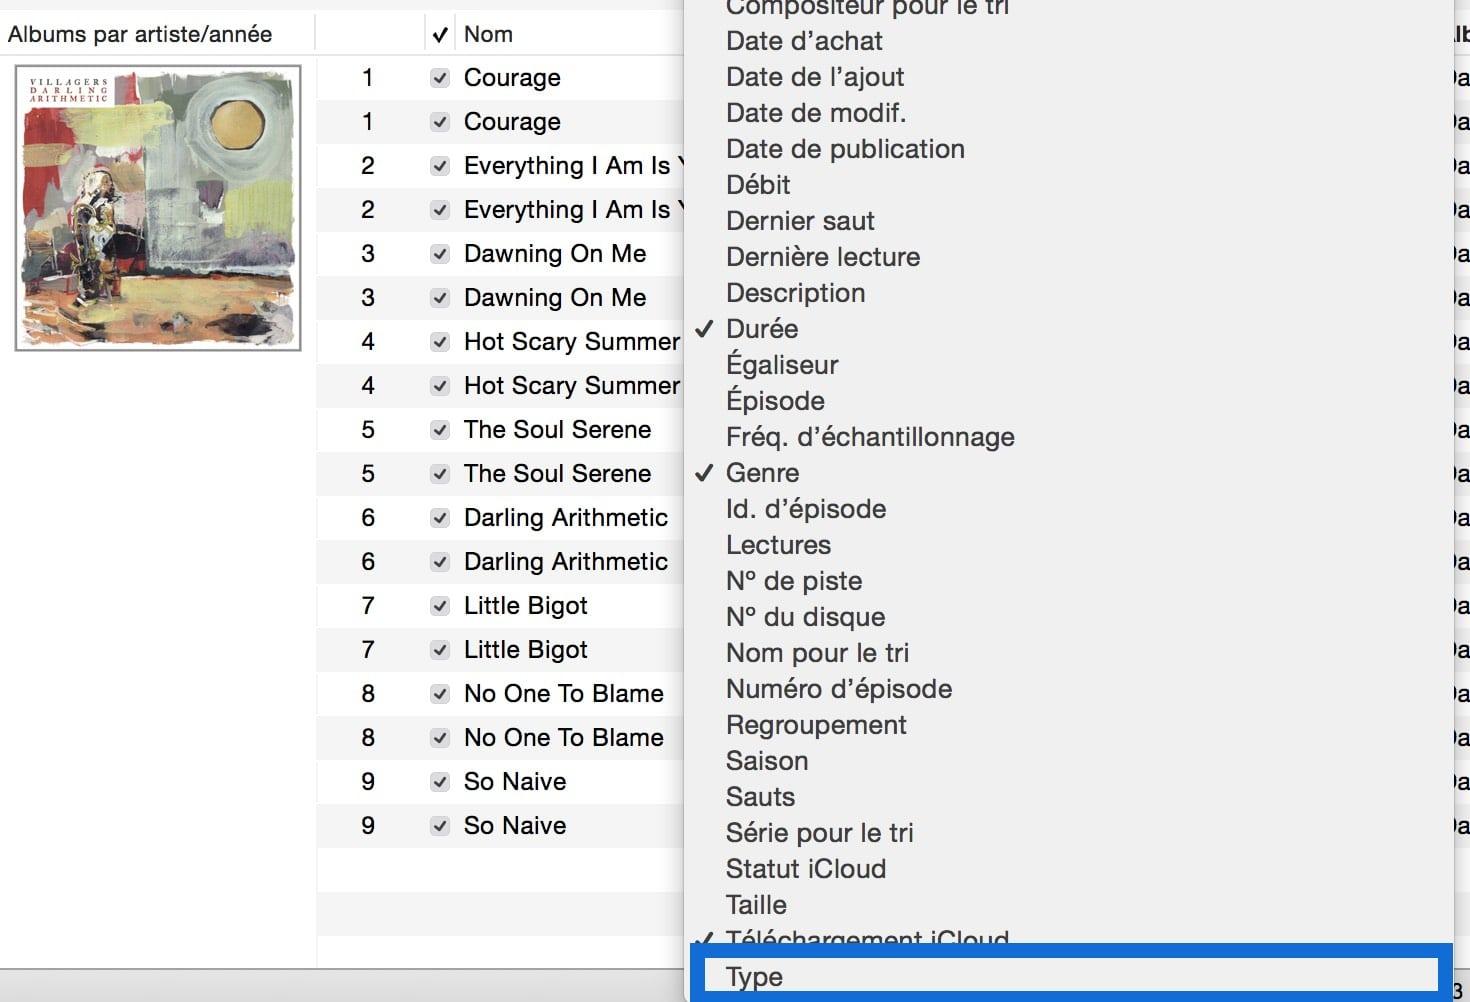 Convertissez facilement un album en mp311